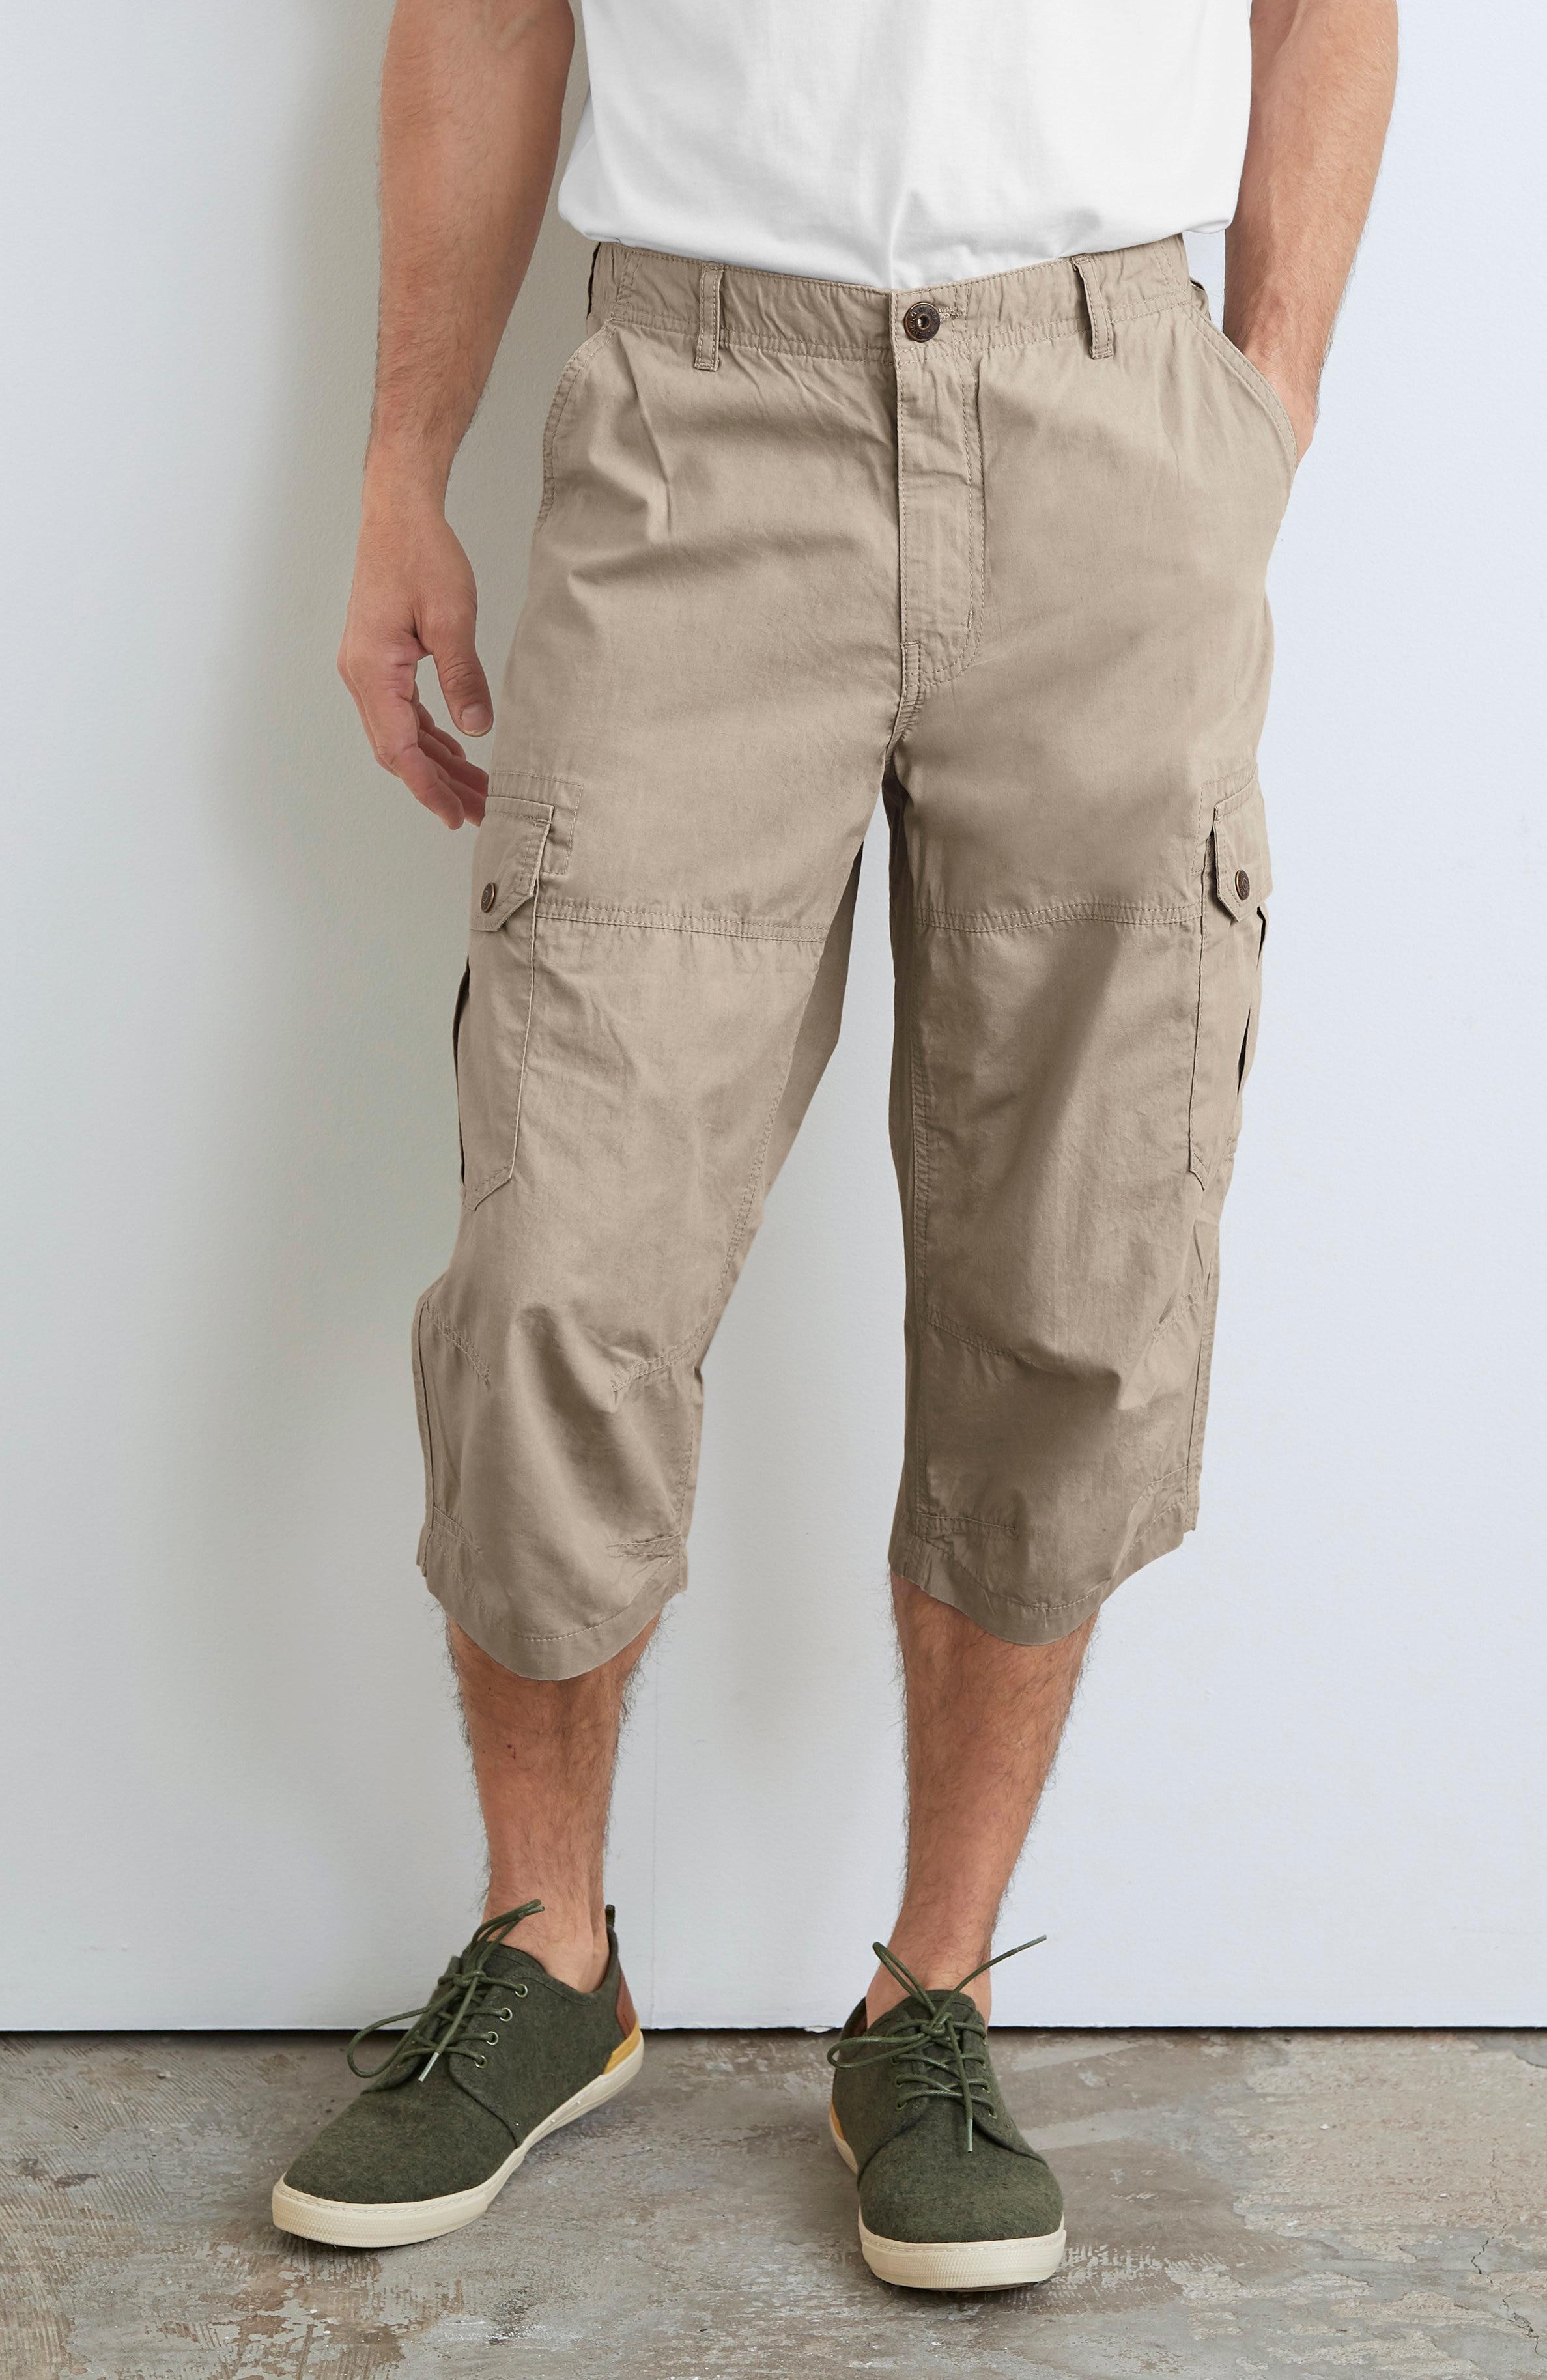 Šorti ar daudzām kabatām